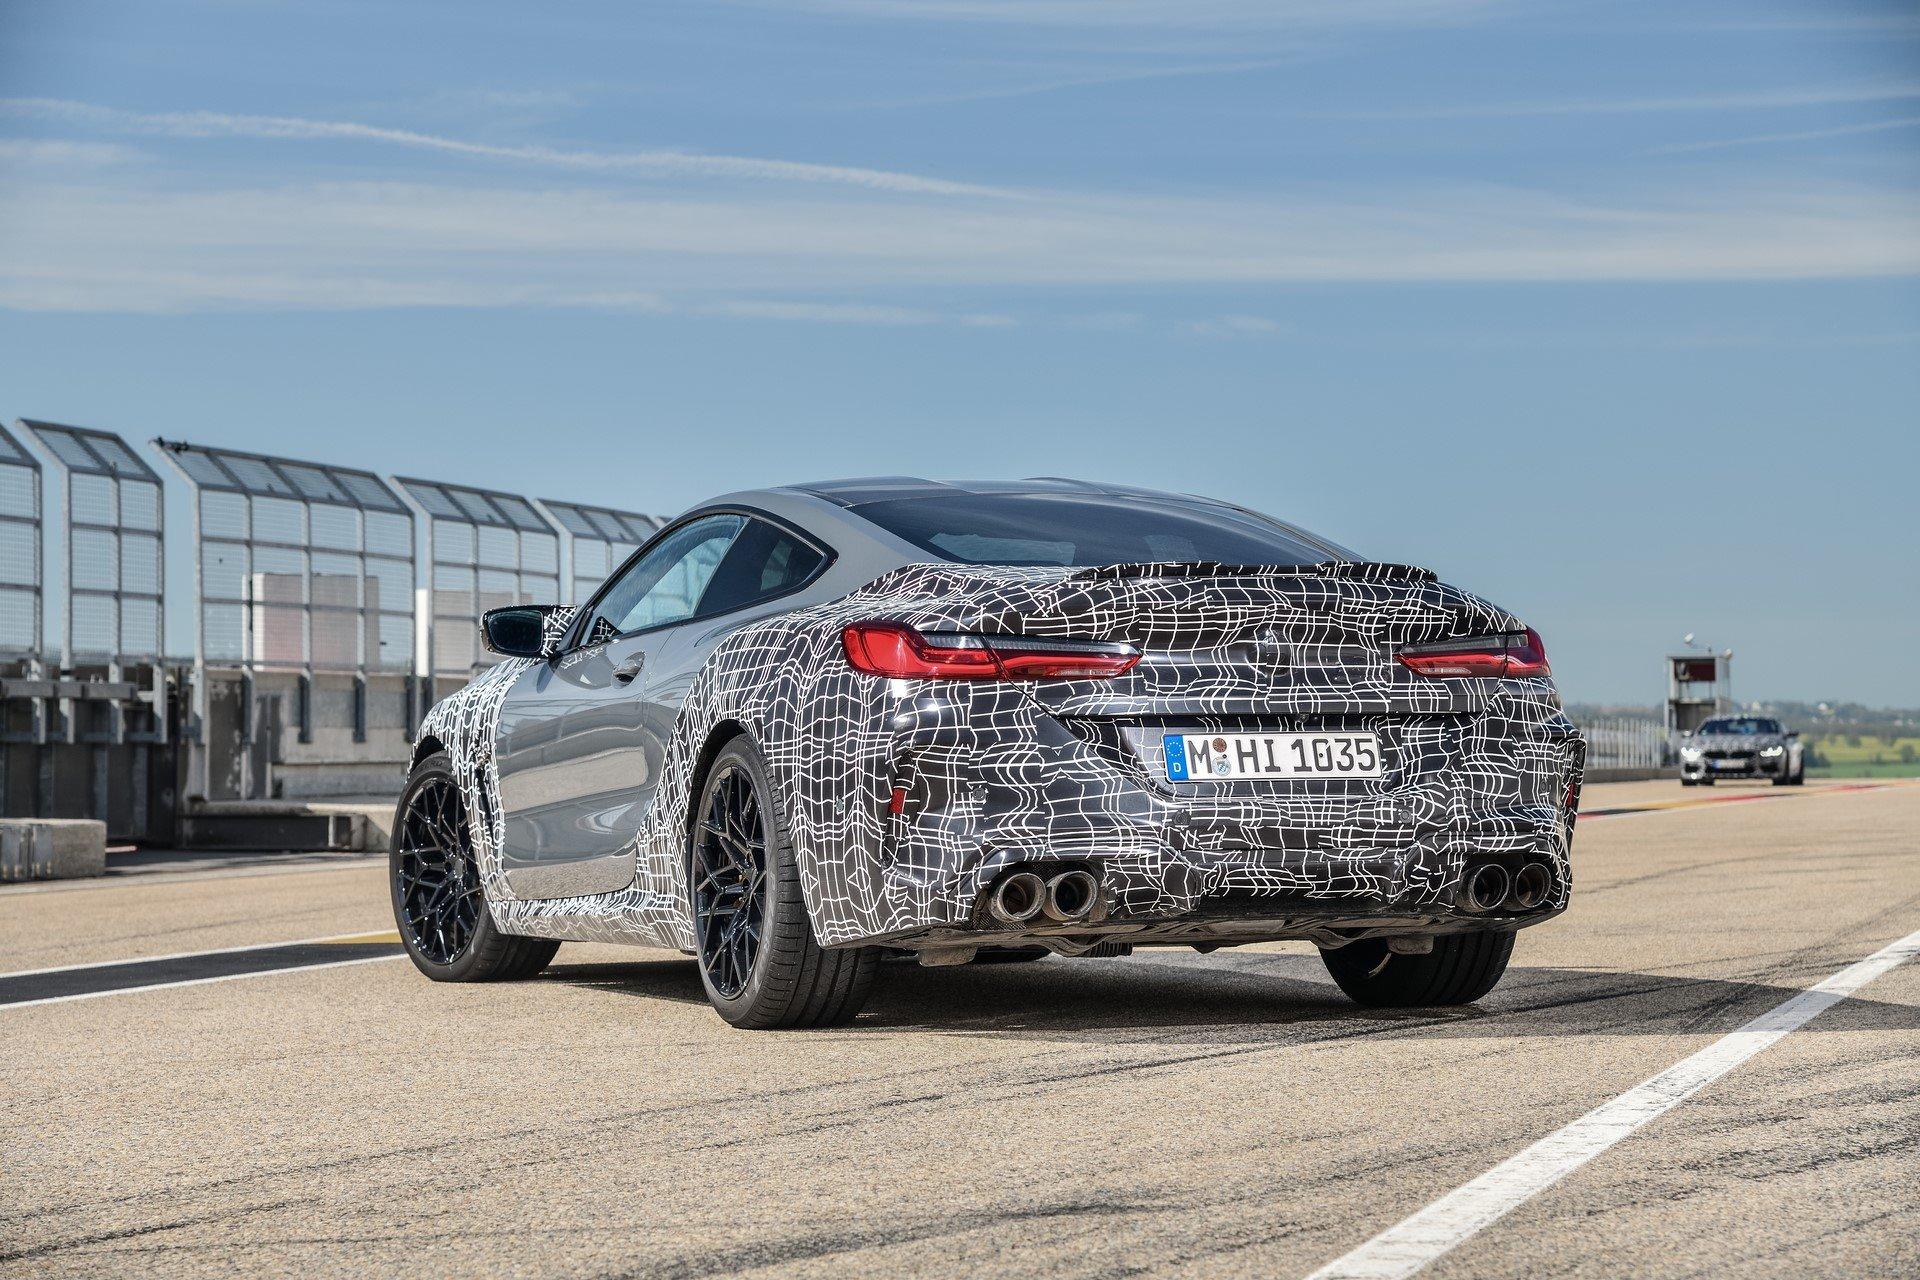 BMW-M8-spy-photos-5